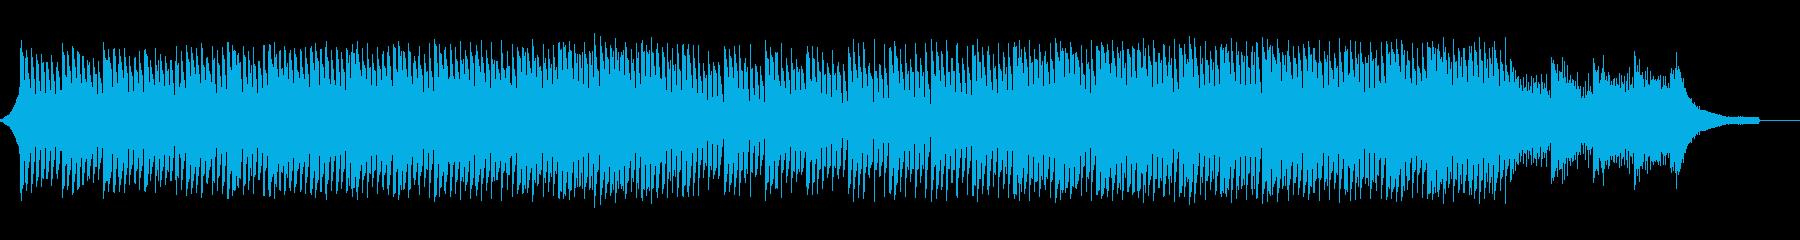 企業VP会社紹介透明感爽やか疾走感A19の再生済みの波形